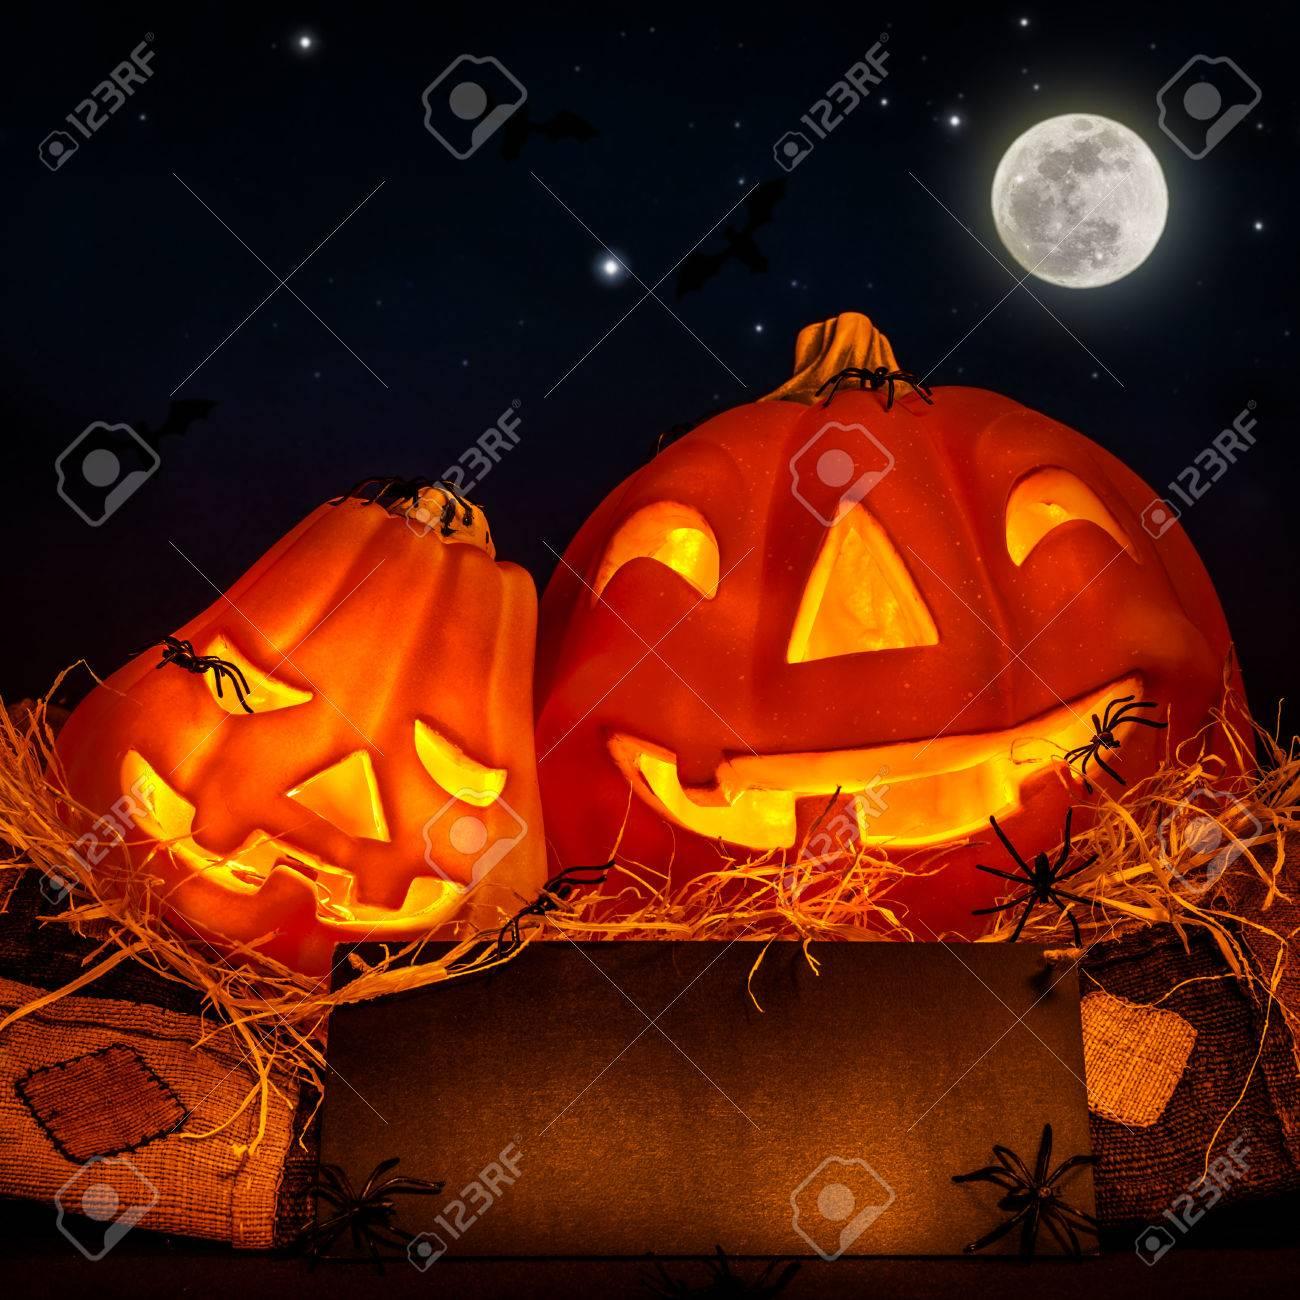 Halloween Pumpkin Decoration On Night Sky Background, Full Moon ...